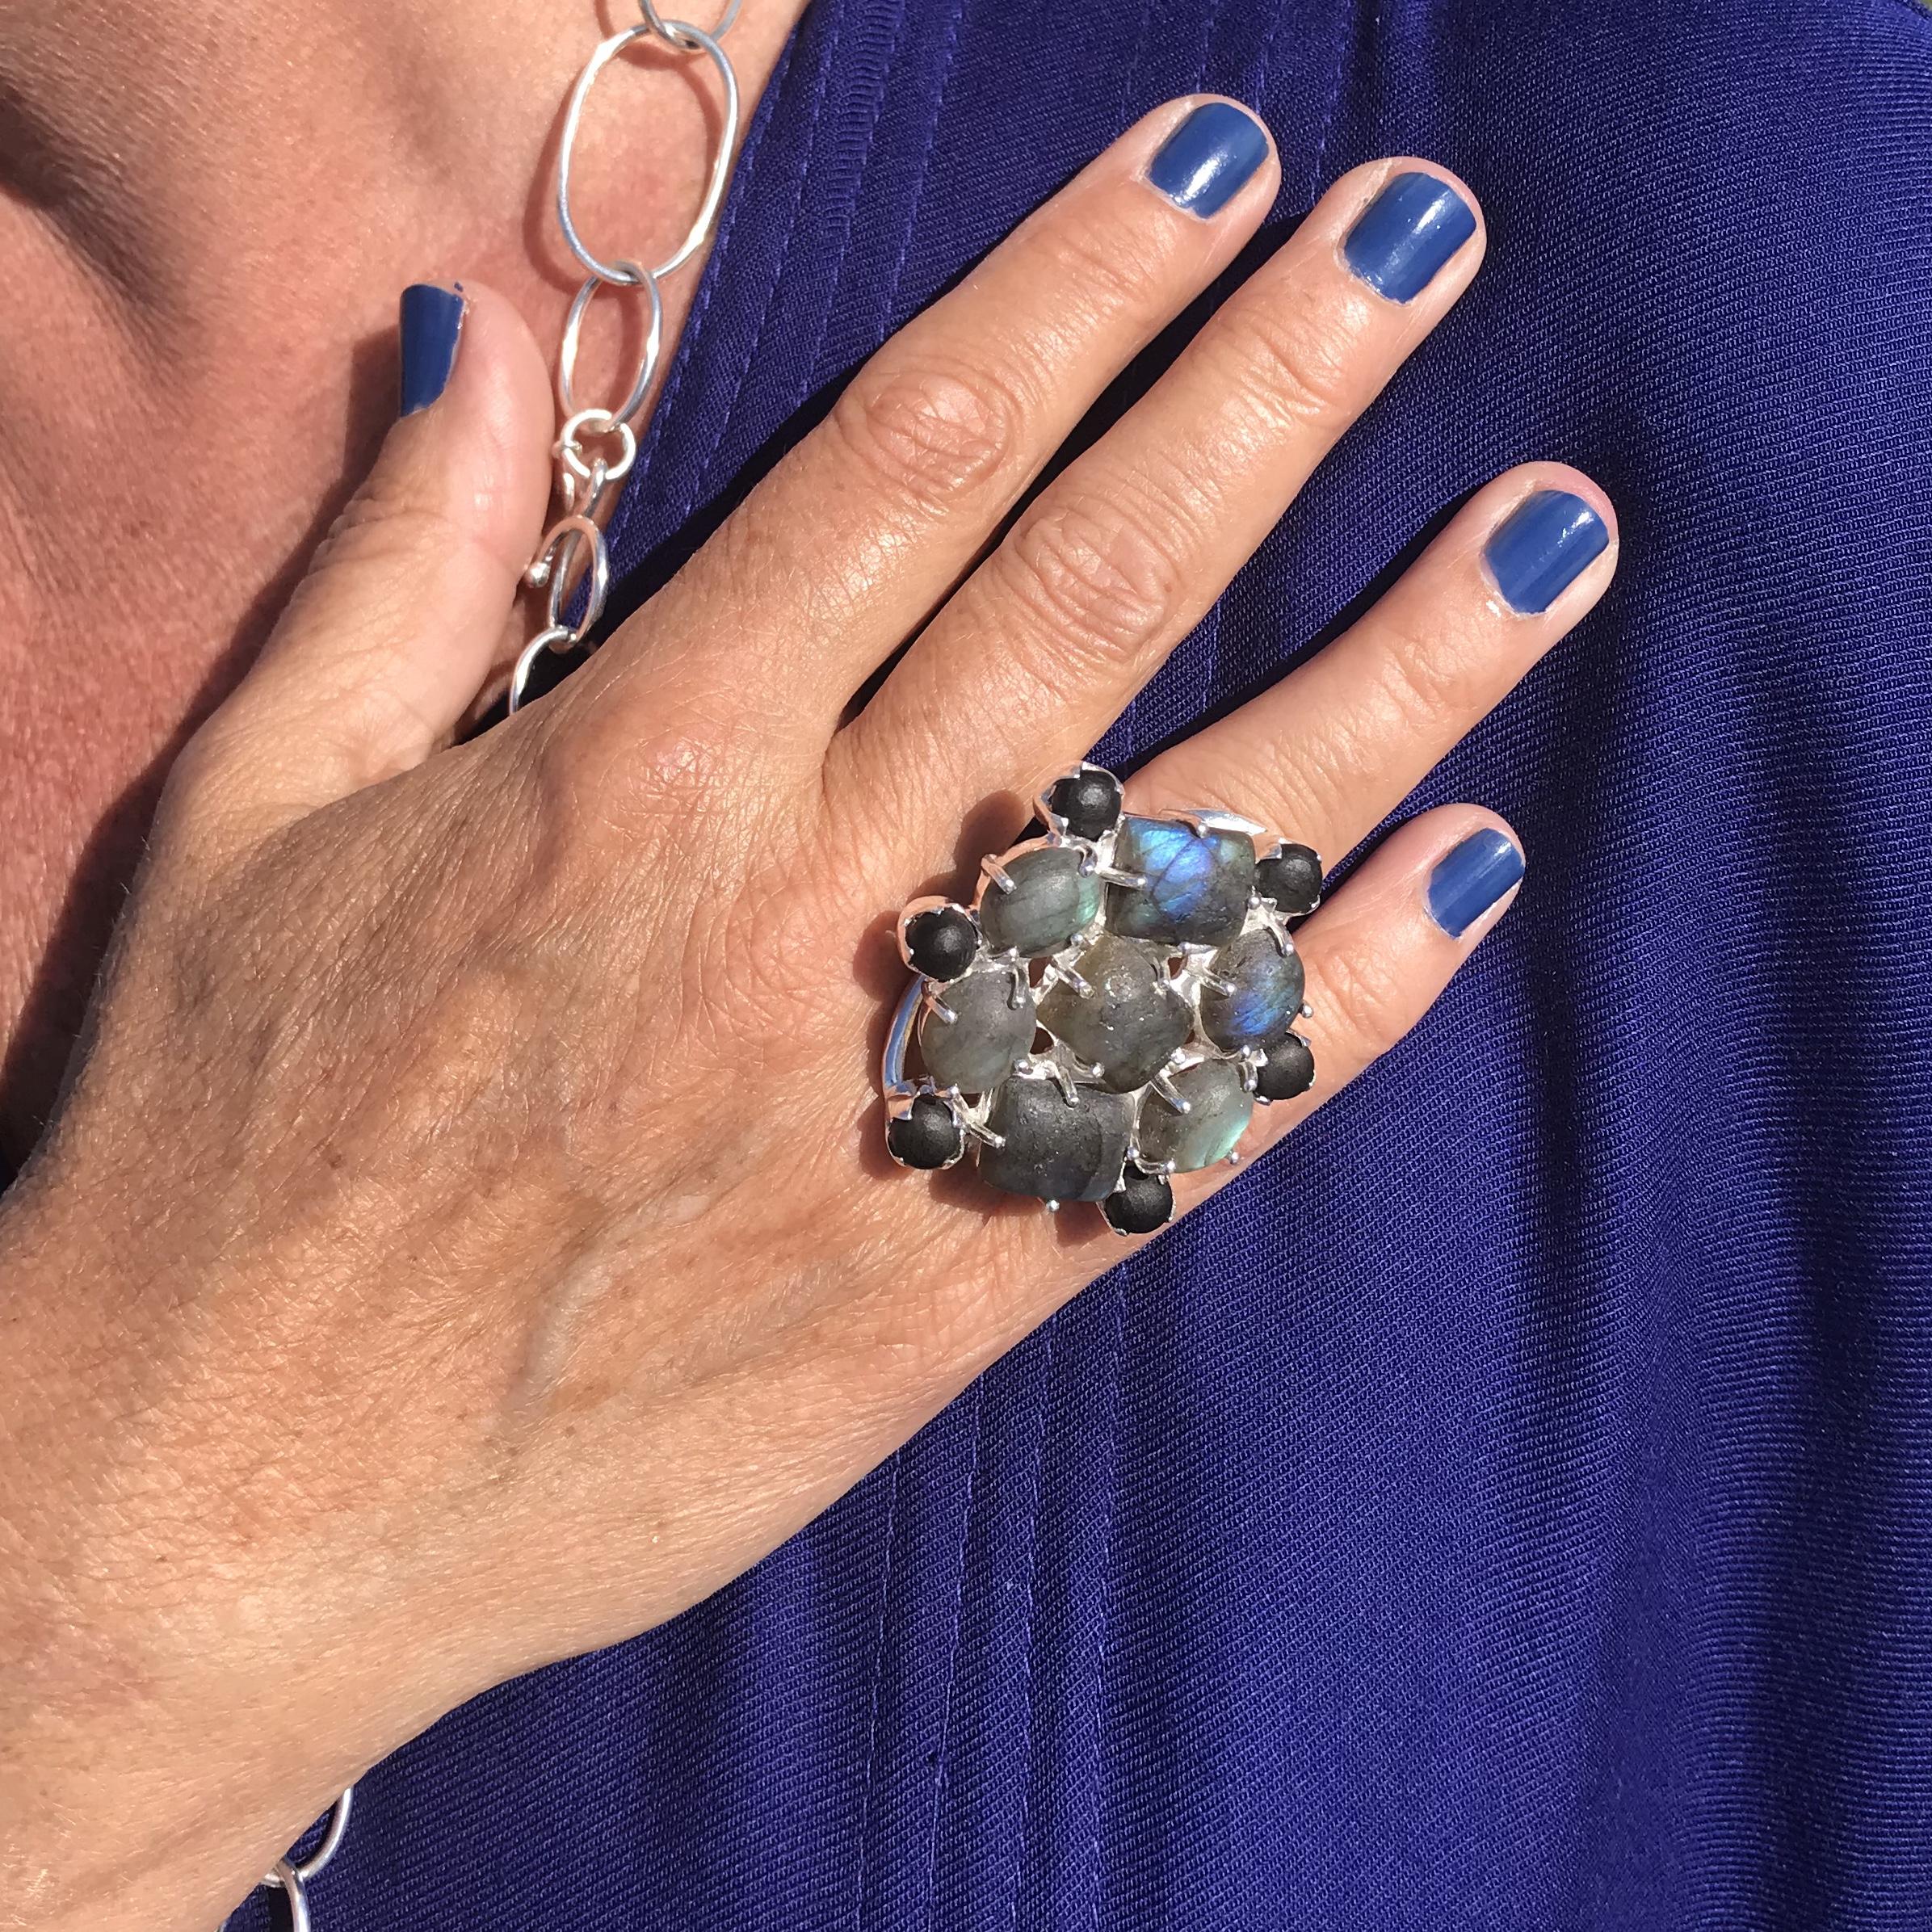 stor silverring med labradorit. stor silverring med labradorite.